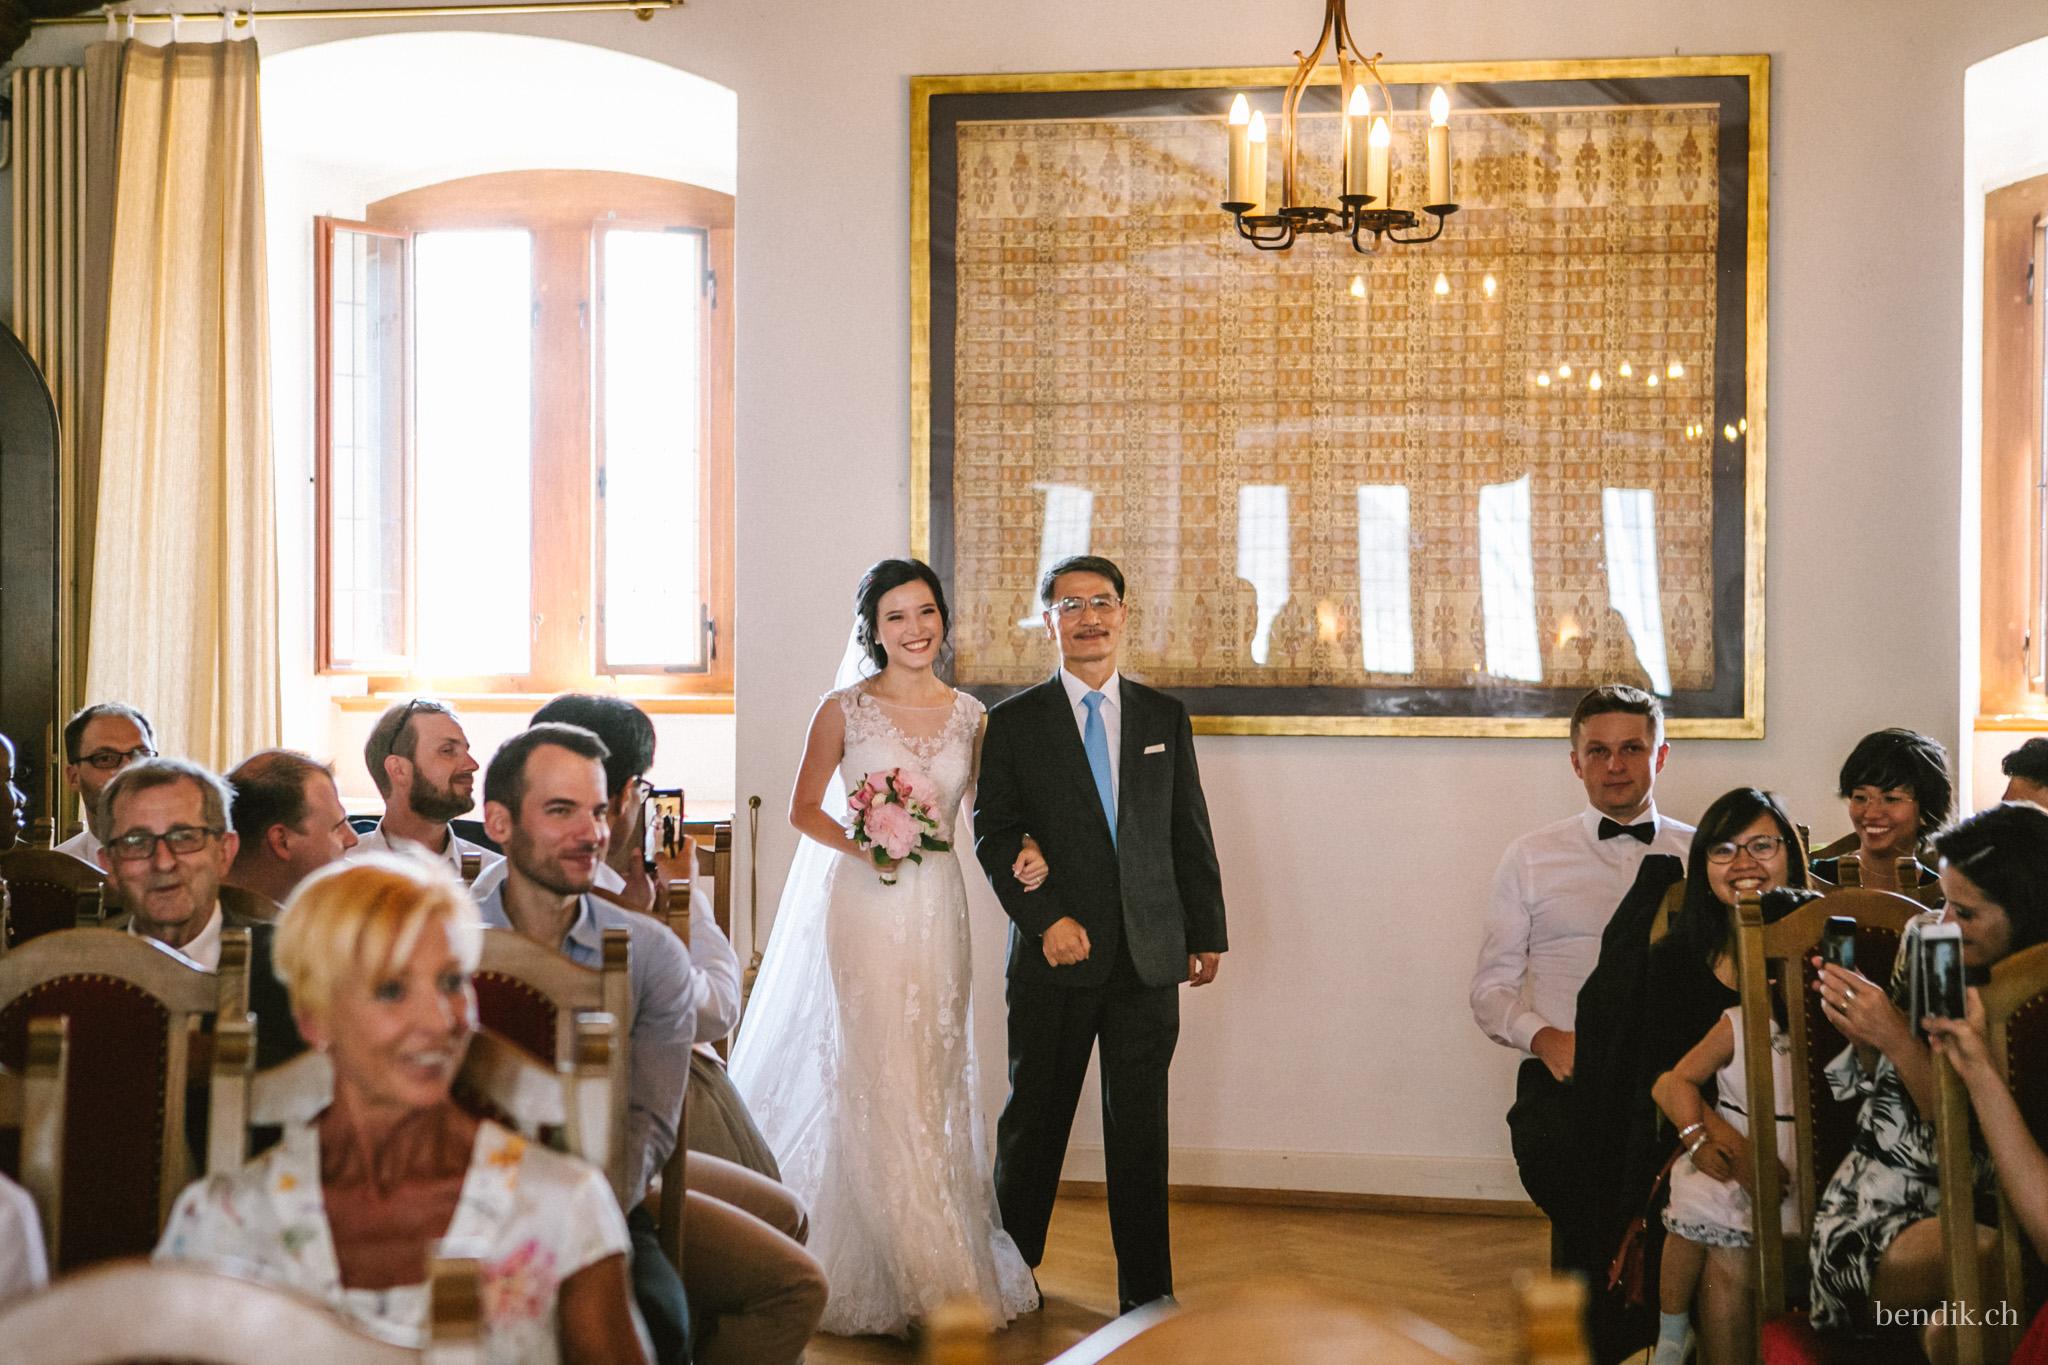 Brautvater geleitet Braut zur Trauung in Zivilstandsamt Rapperswil